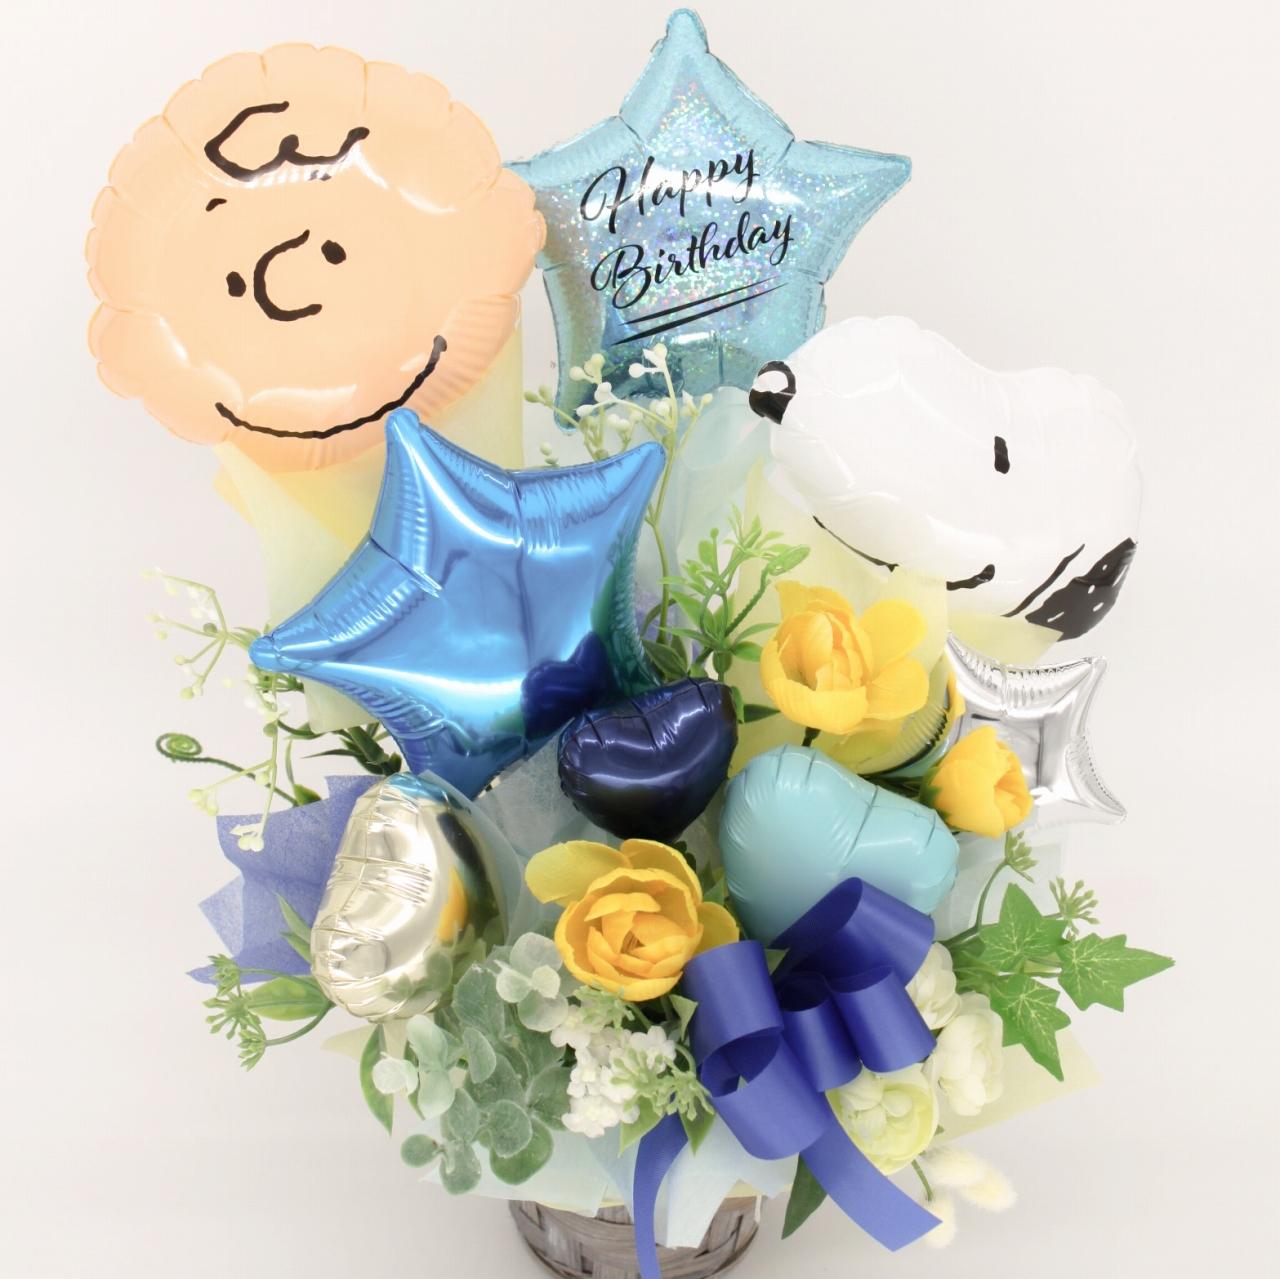 誕生日プレゼント やっぱり可愛いシリーズ 集まれピーナッツバルーンアレンジ「スヌーピー、チャーリーブラウンの誕生日バルーンギフト」 bd0070